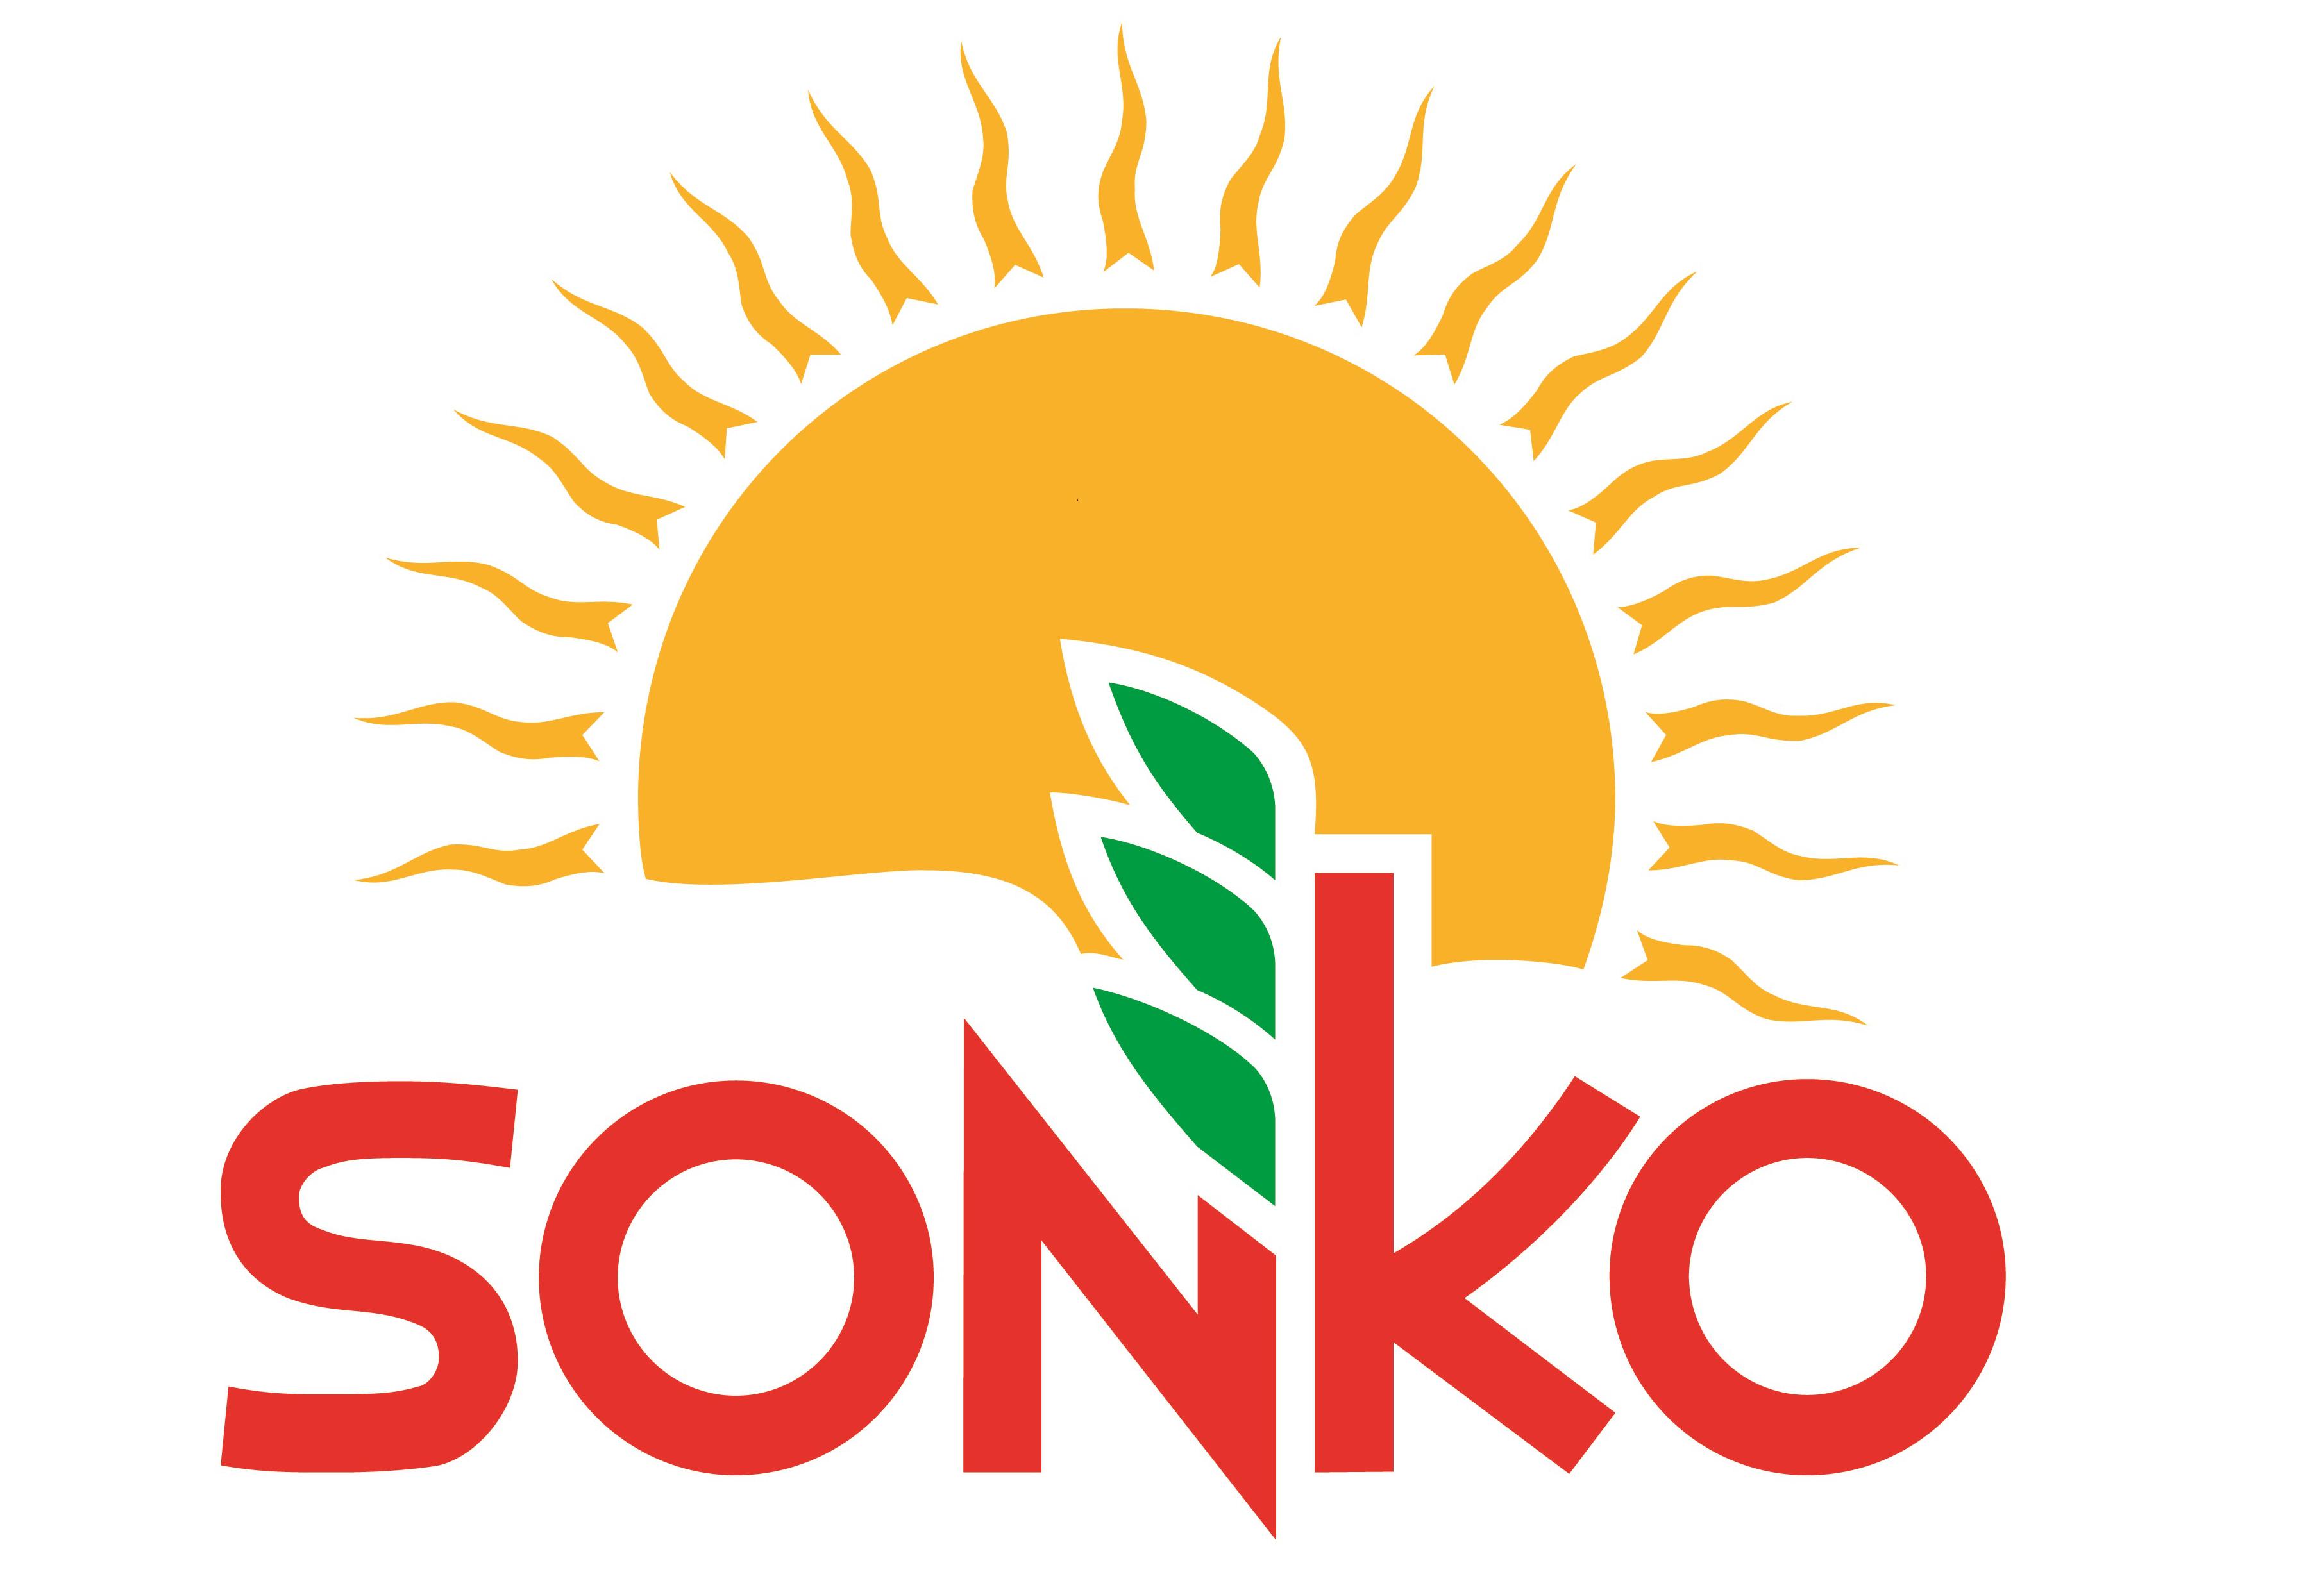 Sonko